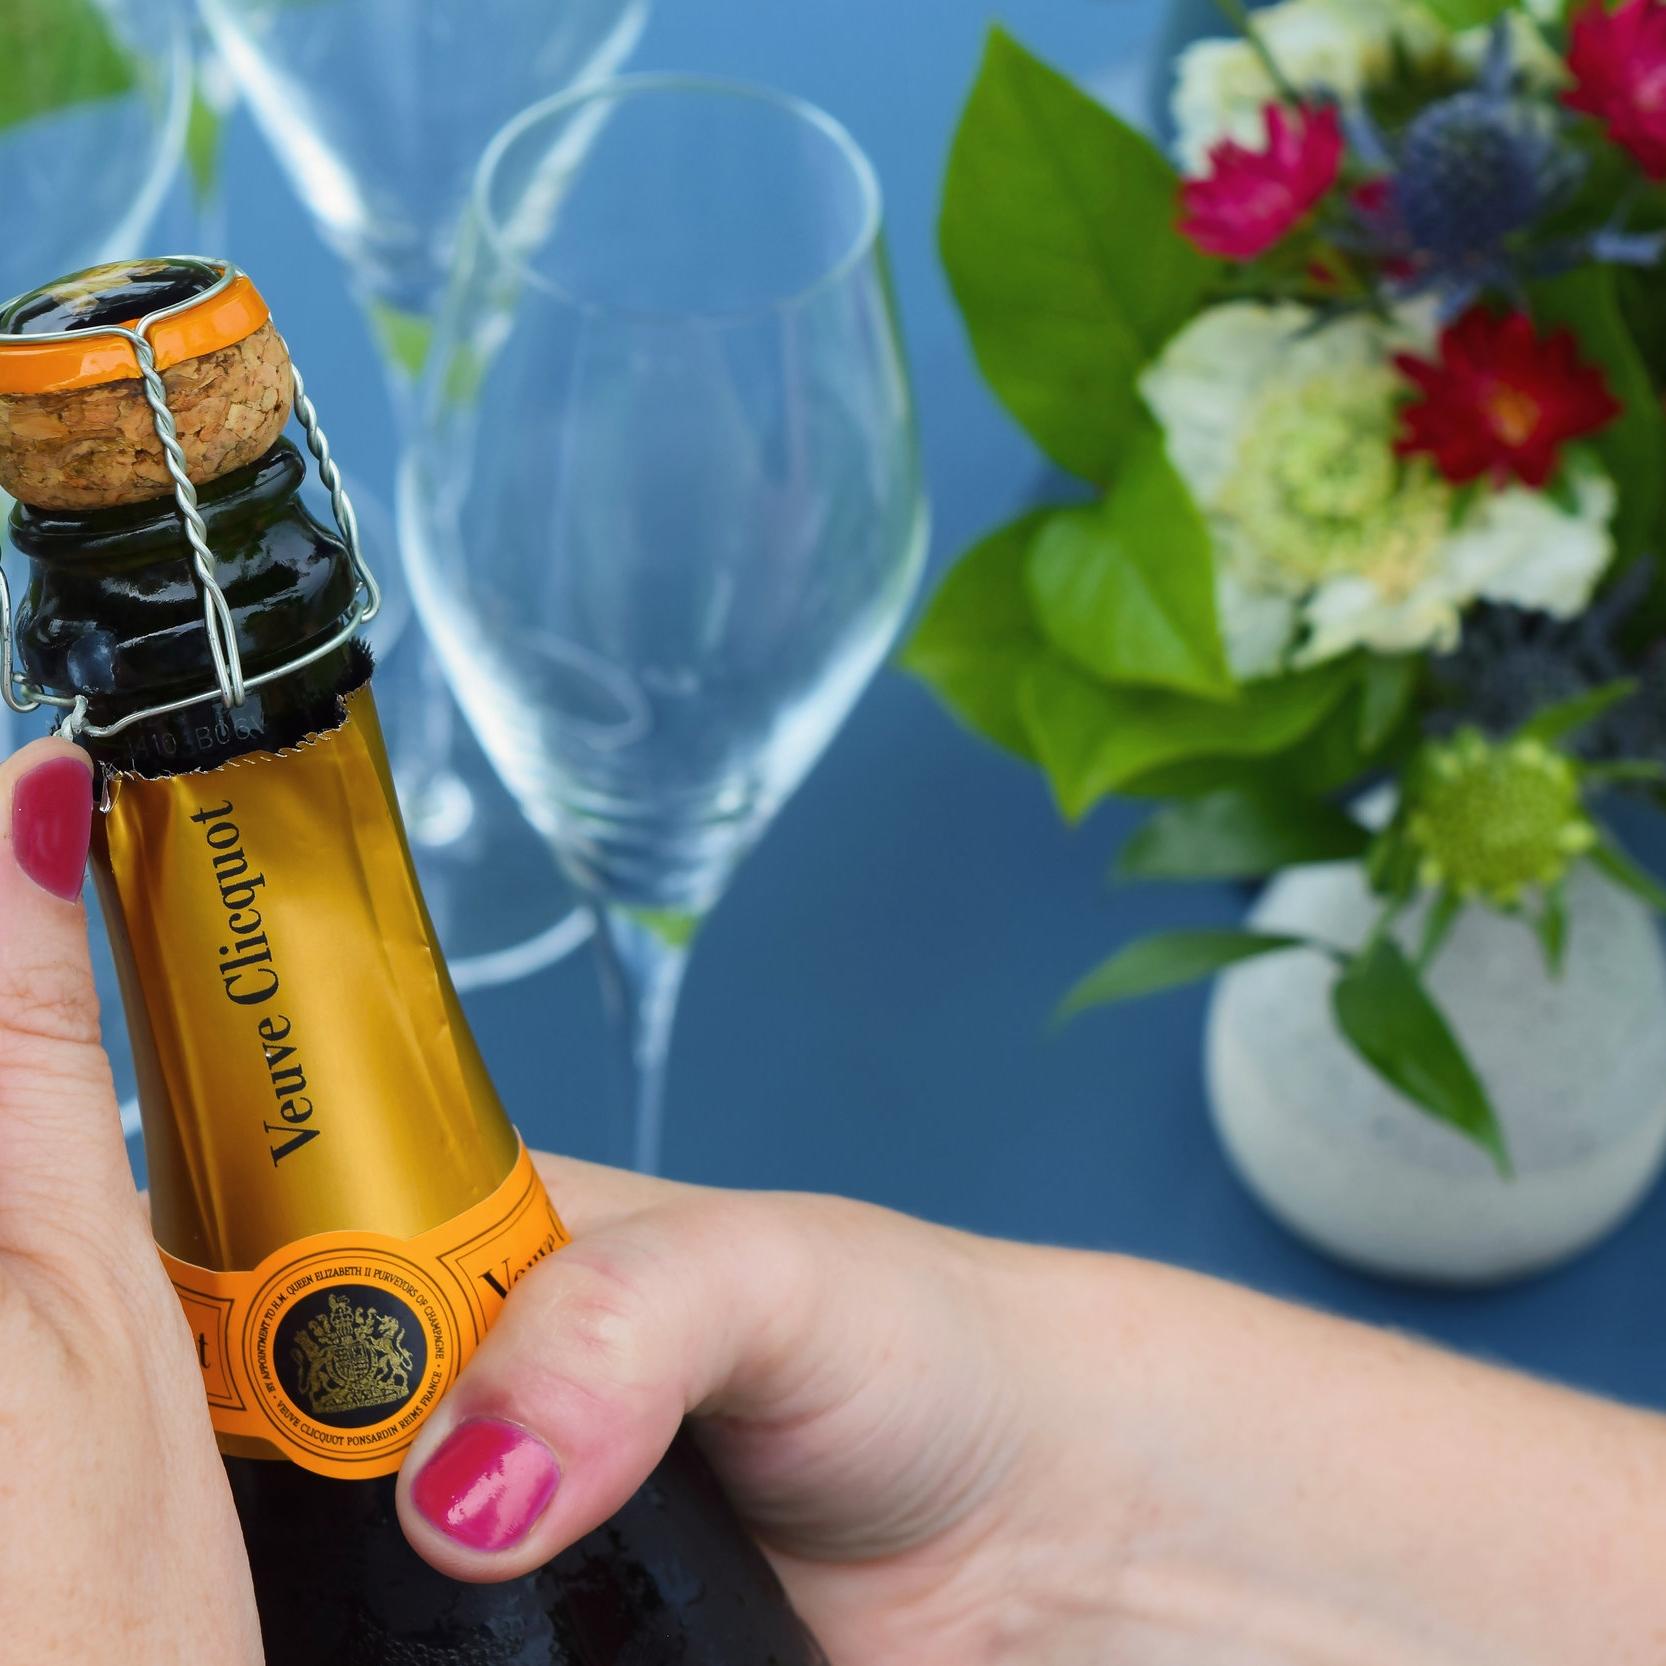 Little_Champagne_Cart_Bottle_Flowers.JPG